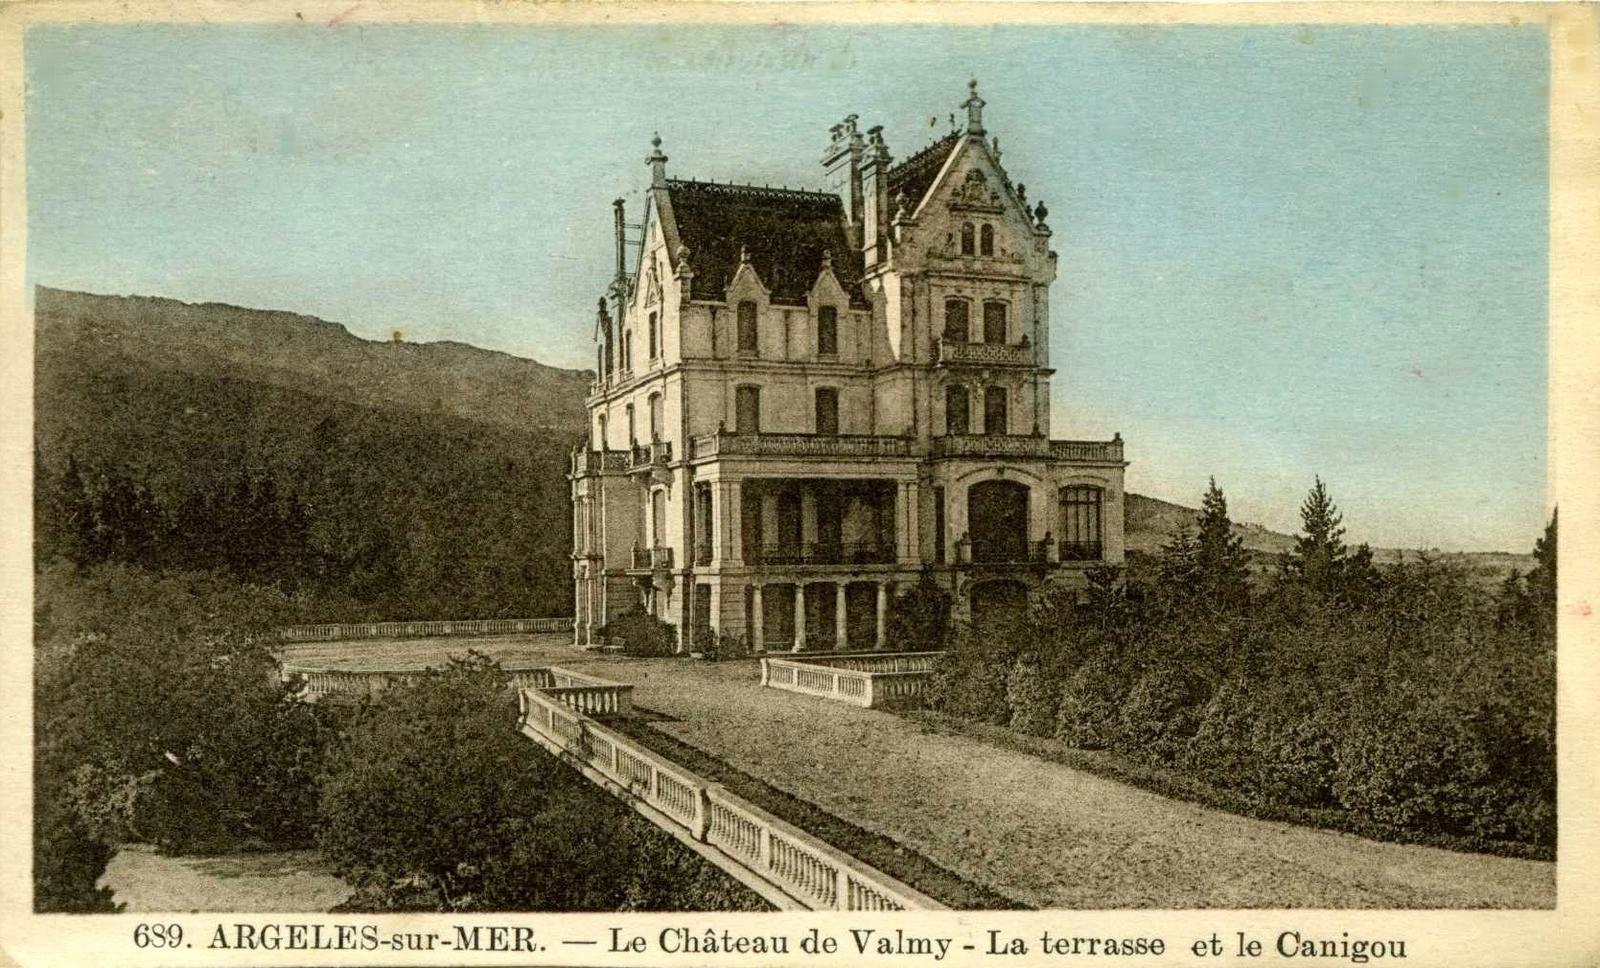 Argelès-sur-Mer - Un net recul de la plage depuis... - Carte postale ancienne et vue d'Hier et ...